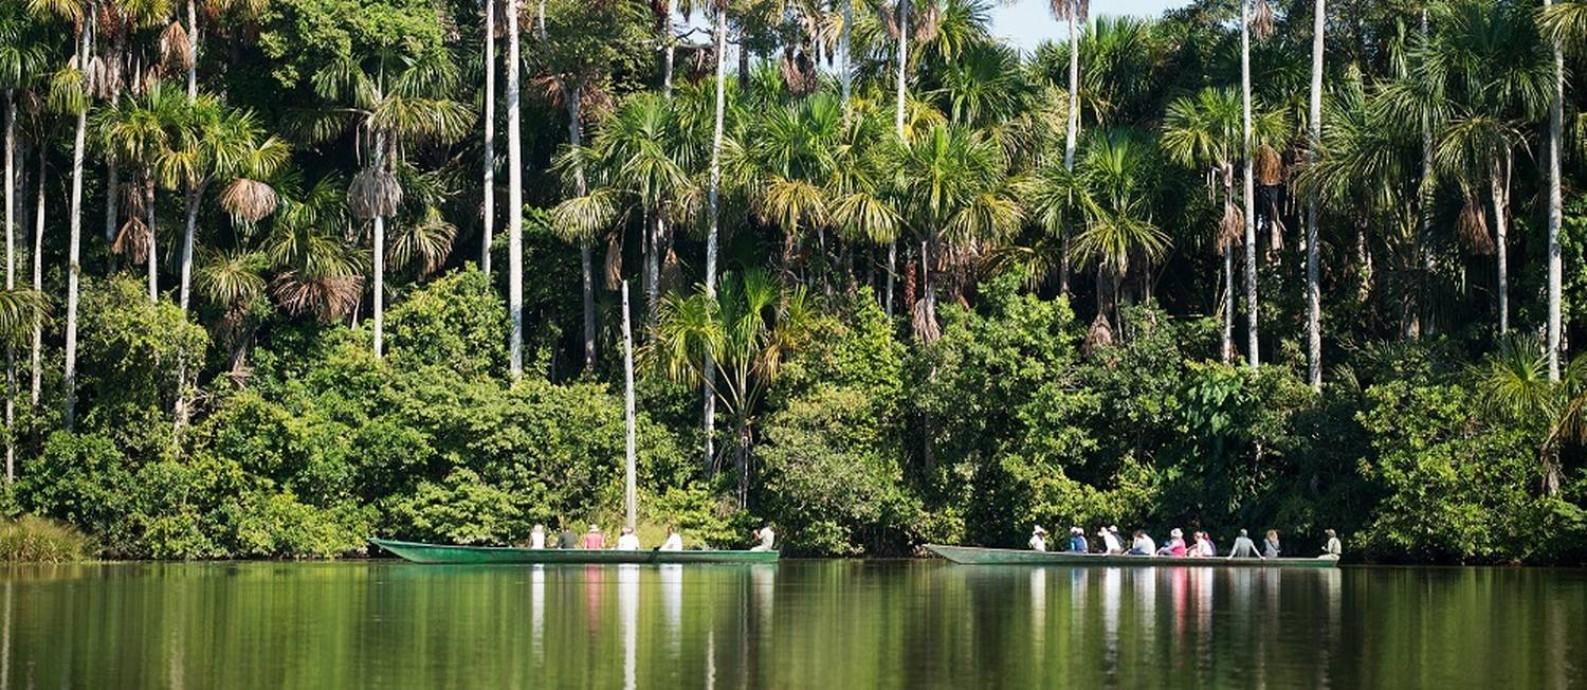 Excursões para hóspedes do Inkaterra Hacienda Concepción, em Tambopata, na região da Amazônia no Peru Foto: Alfredo Fernandez / Divulgação/Inkaterra